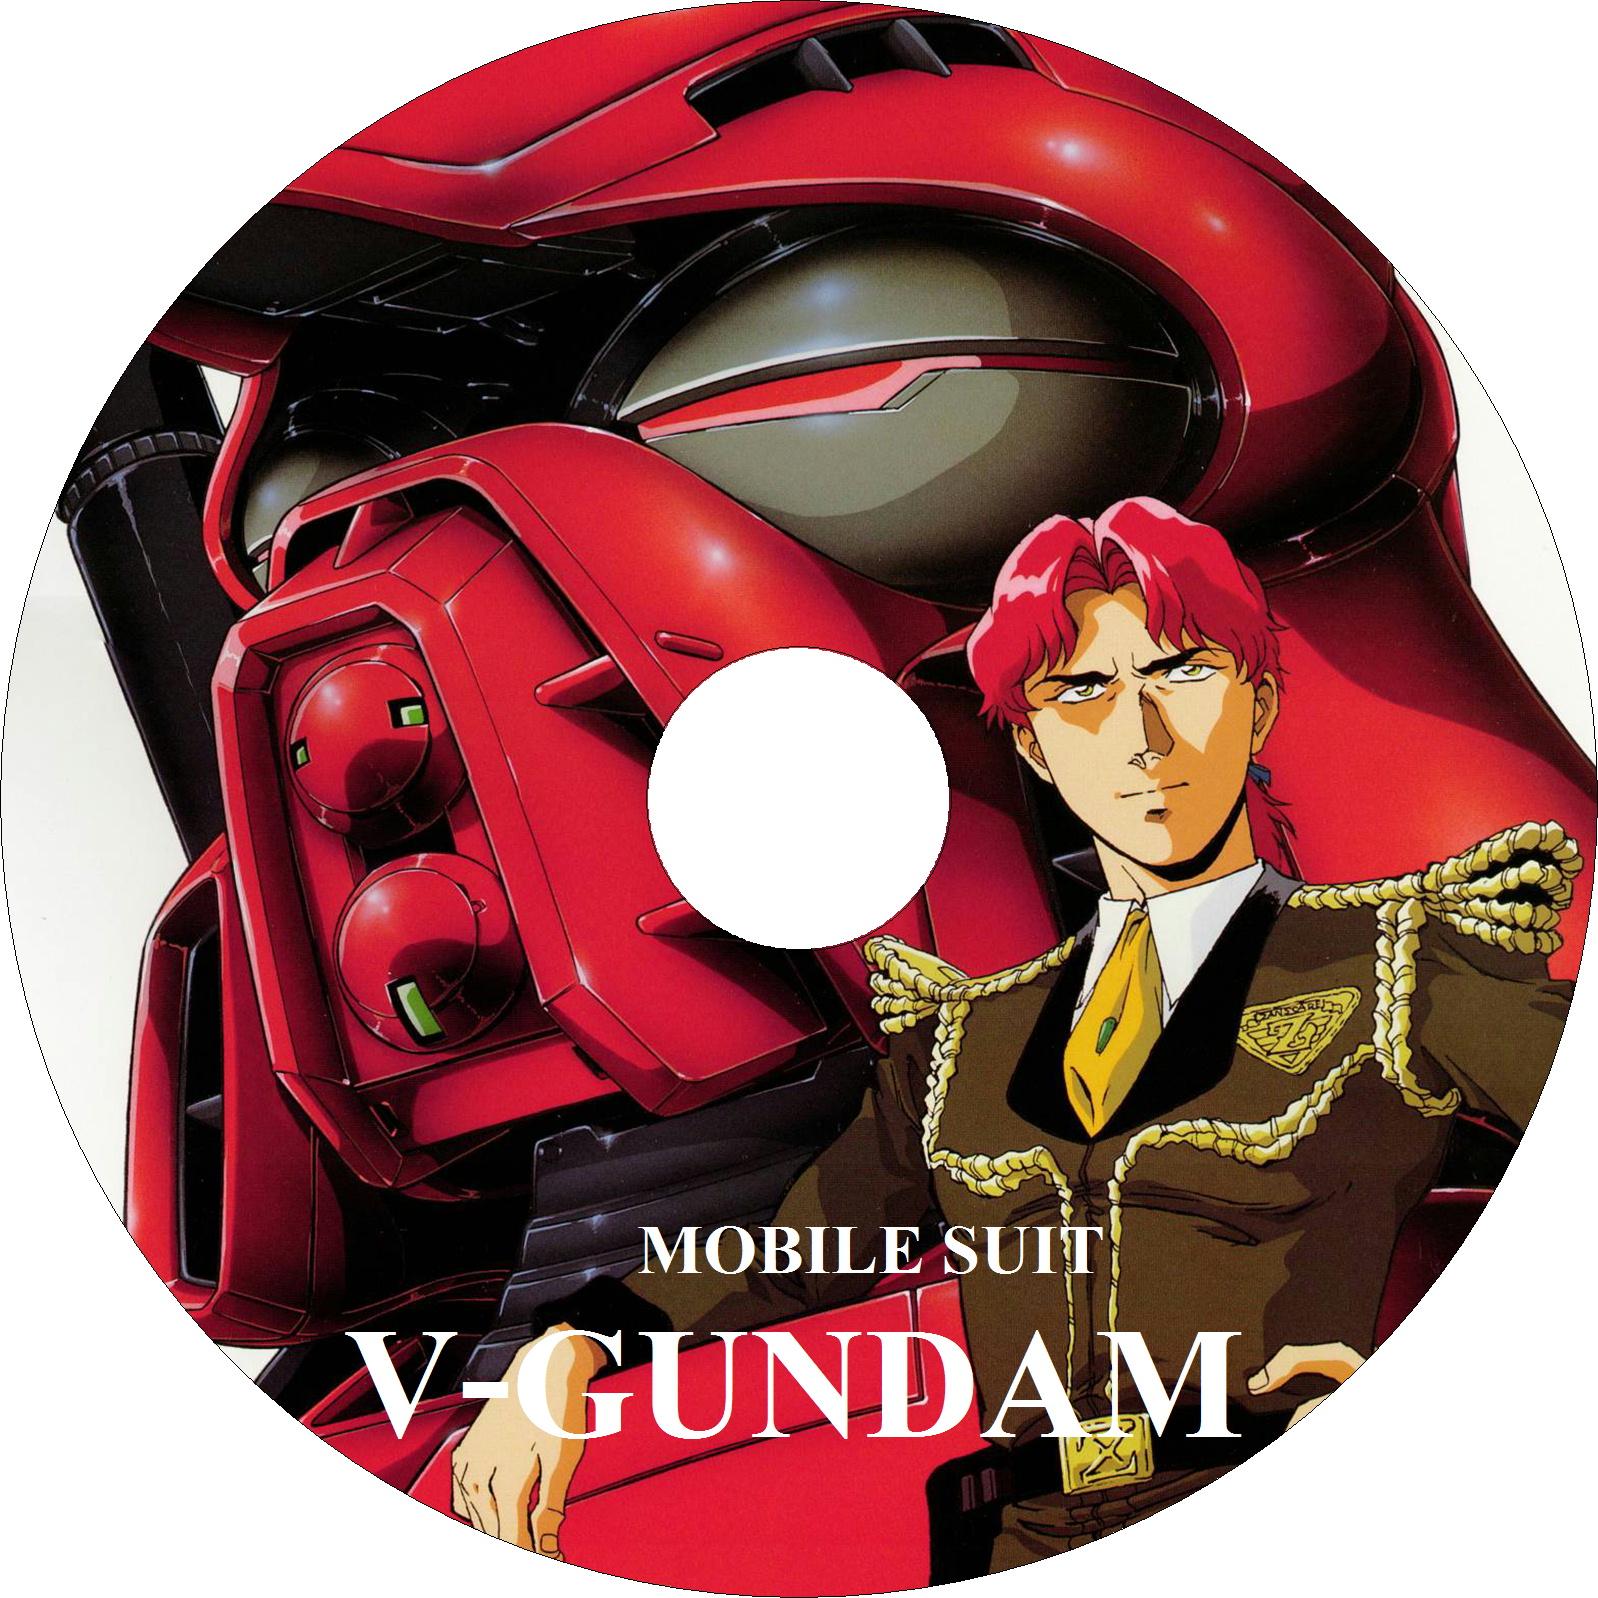 機動戦士Vガンダム ラベル(LD)2